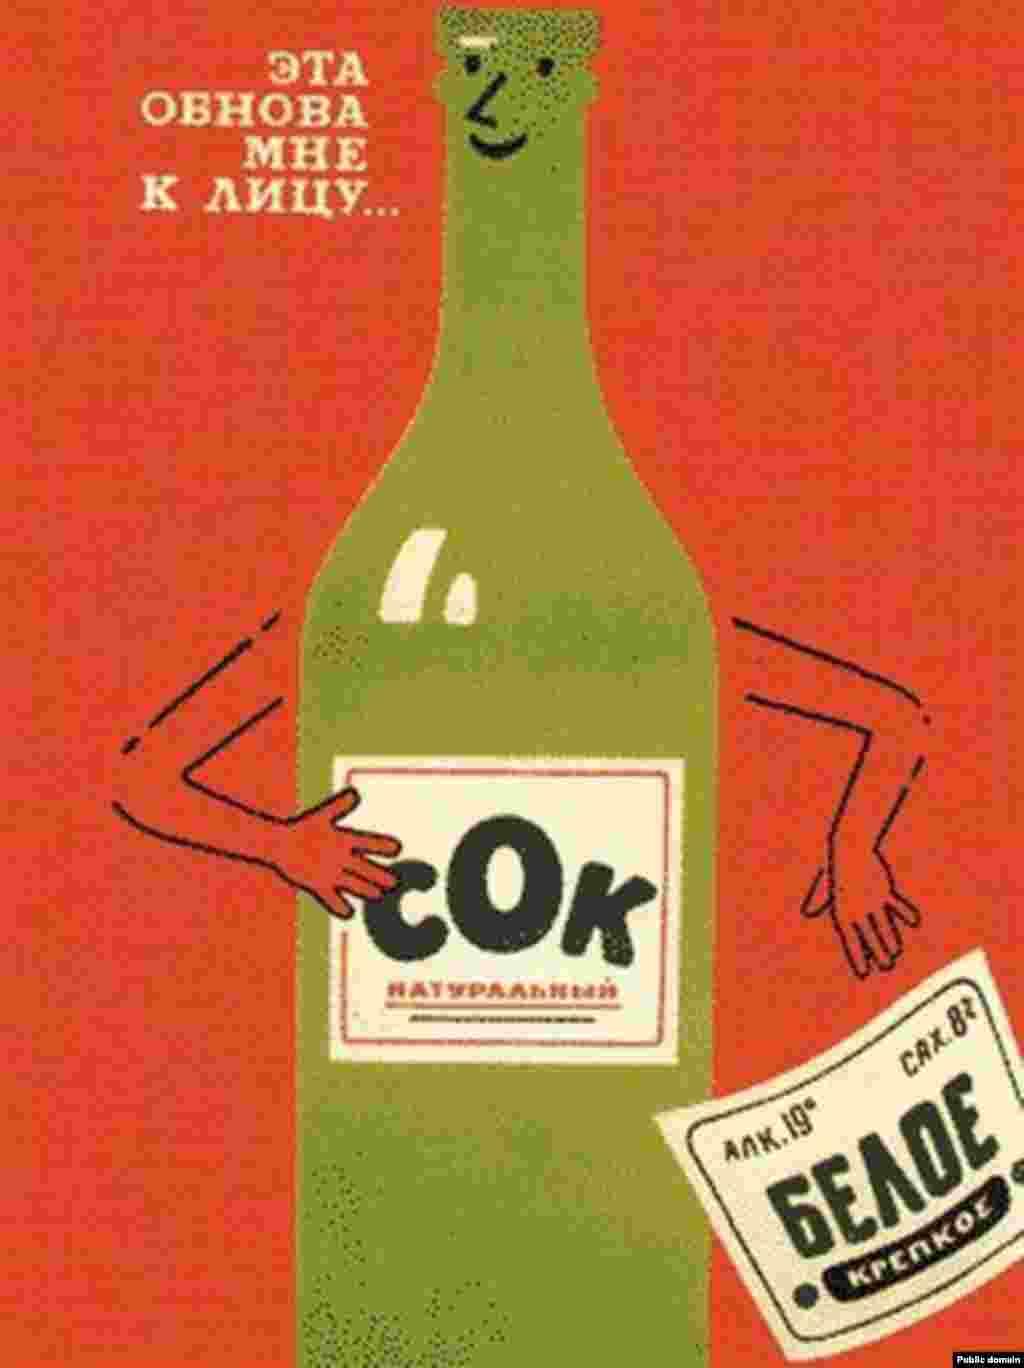 Бутылка «меняет» этикетку — с «Белого вина» на «Натуральный сок». Текст гласит: «Эта обнова мне к лицу».